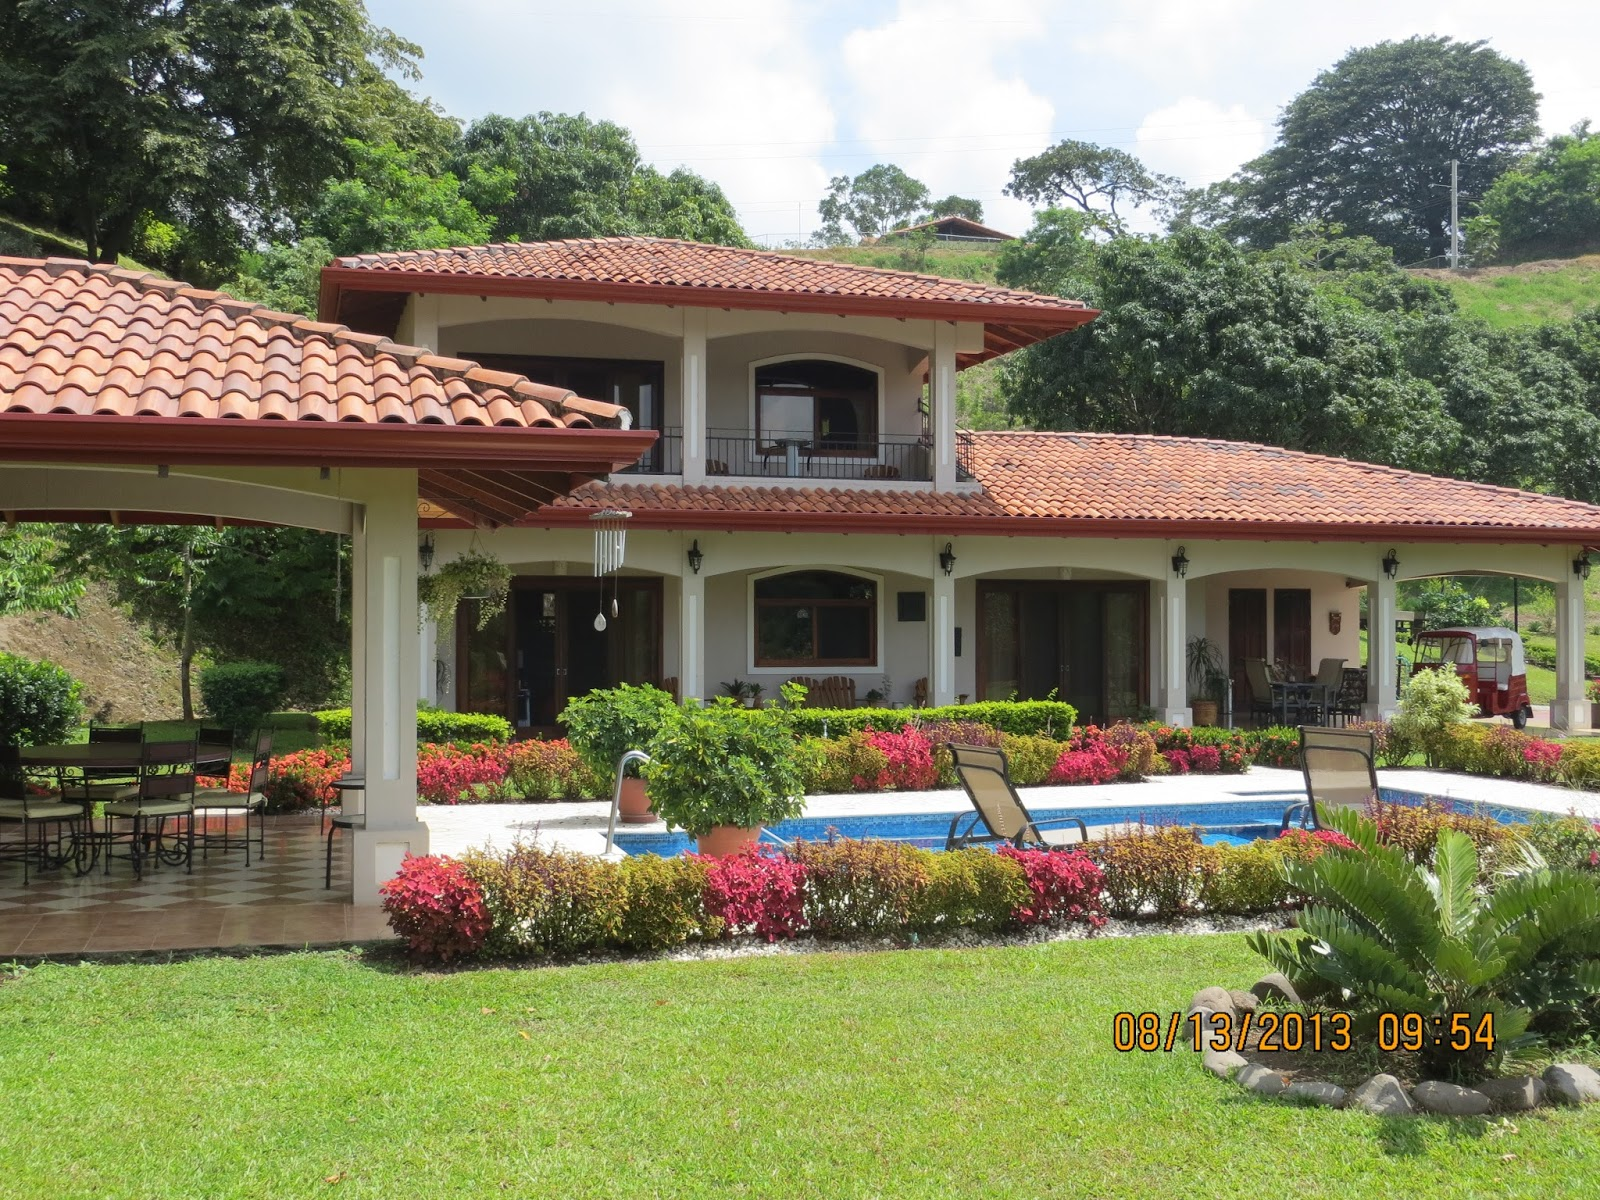 Homes Properties And Lots In Atenas Costa Rica Casa De